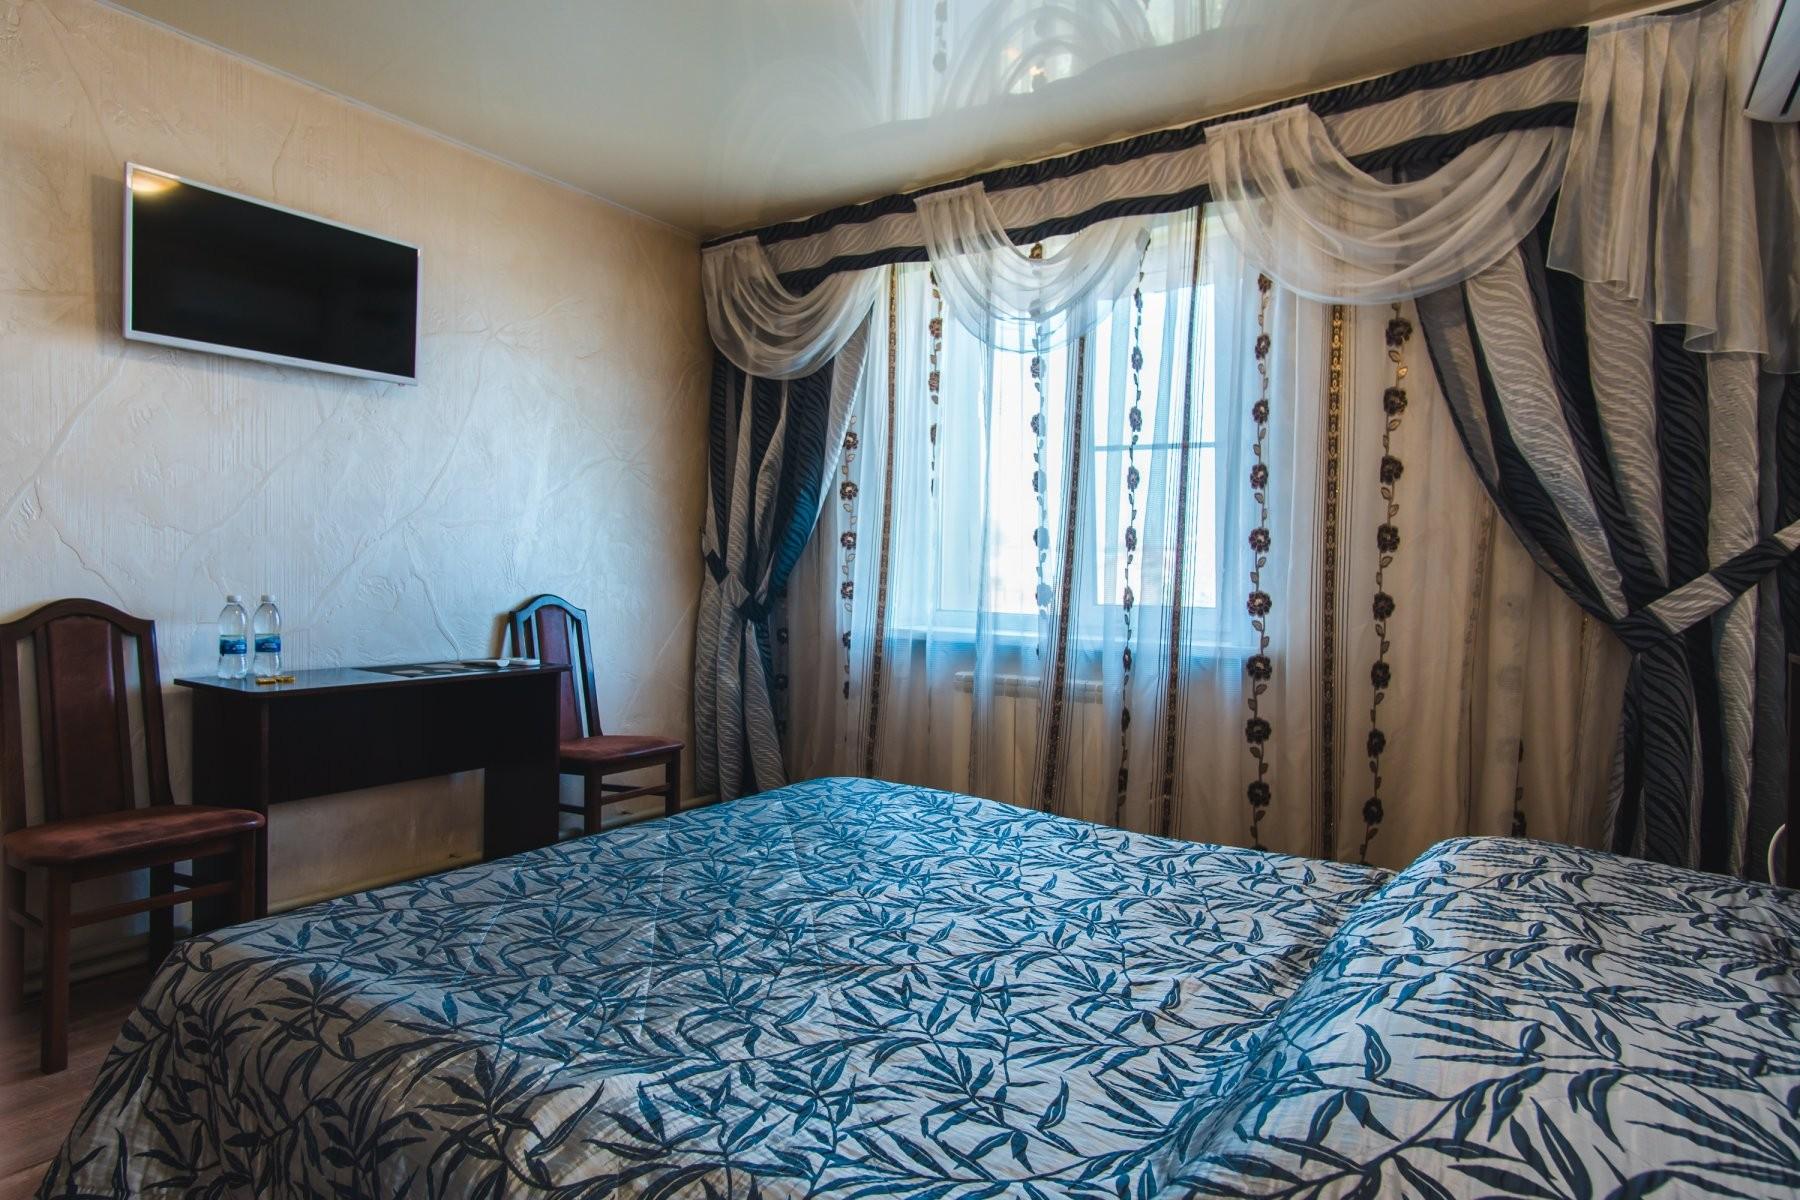 Шоколад, гостиничный комплекс - №41